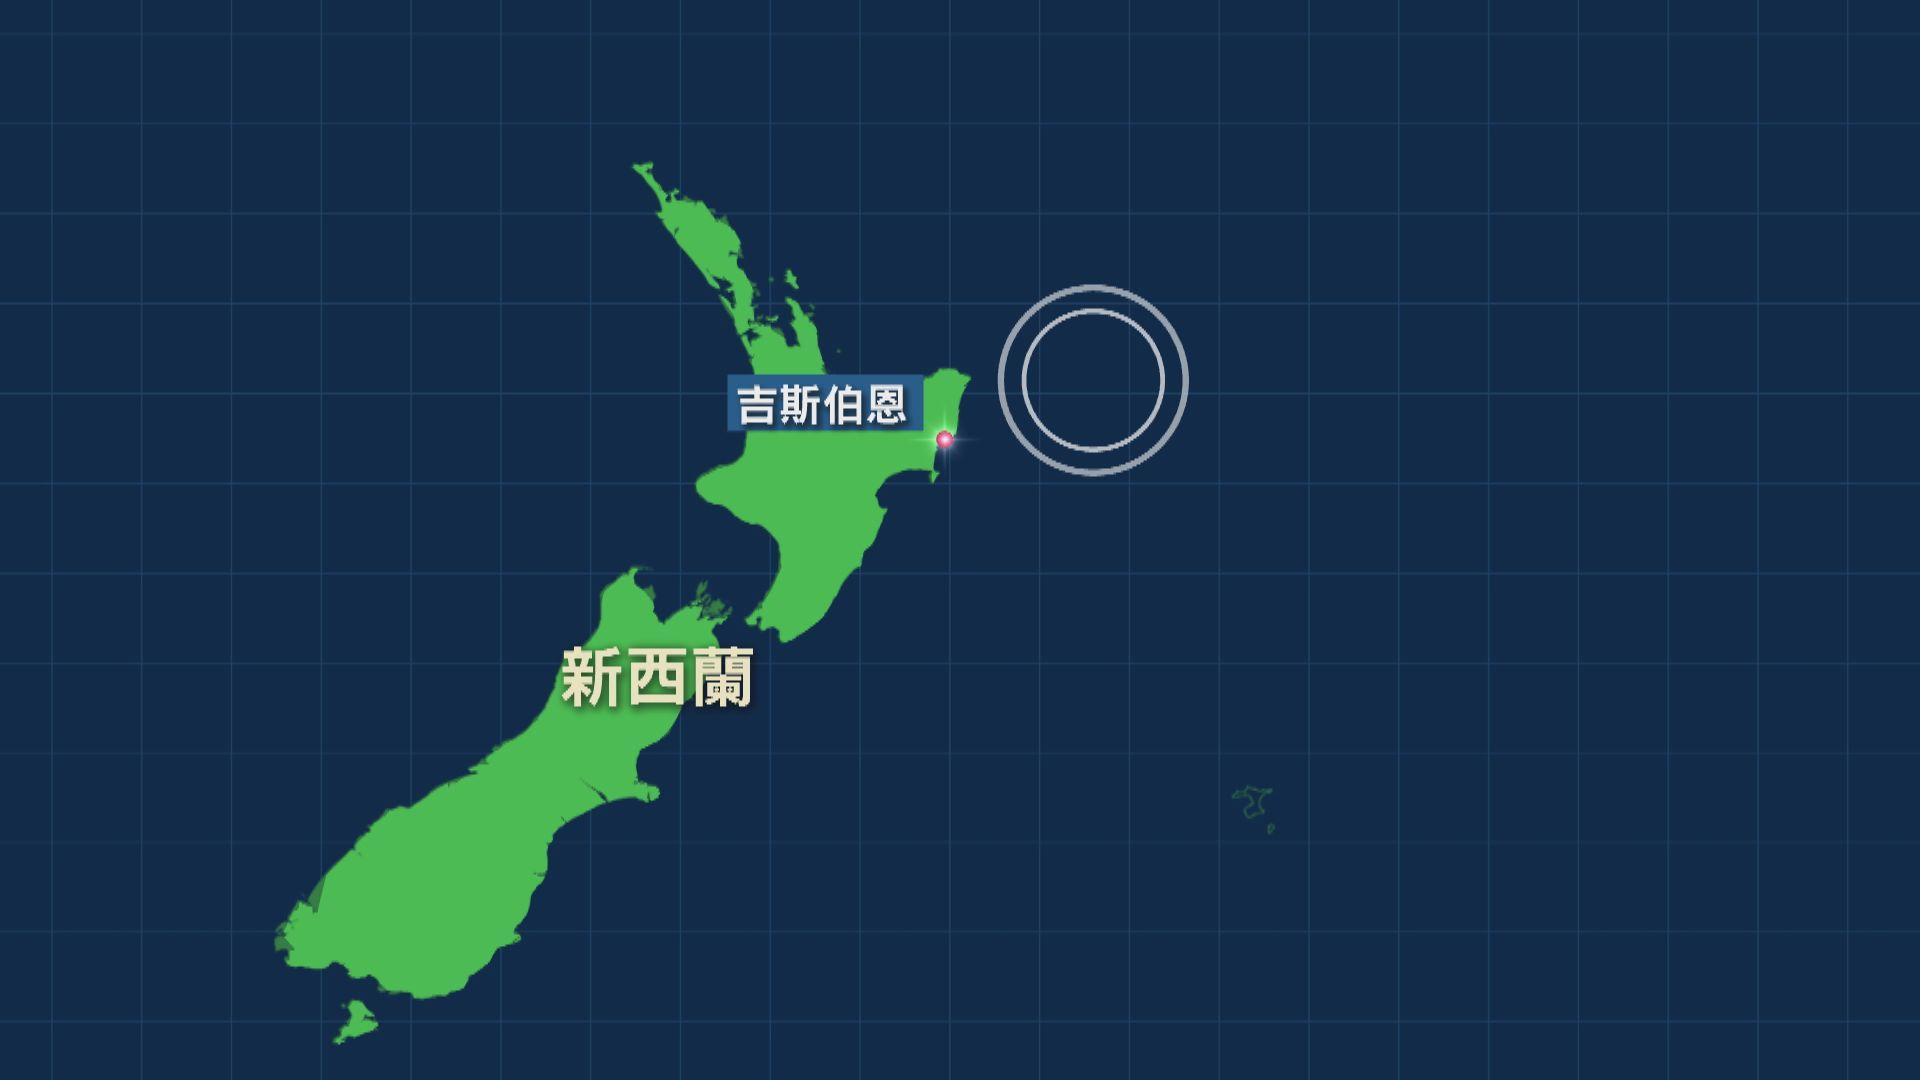 新西蘭發生7.3級強烈地震 報道指奧克蘭、惠靈頓震感強烈